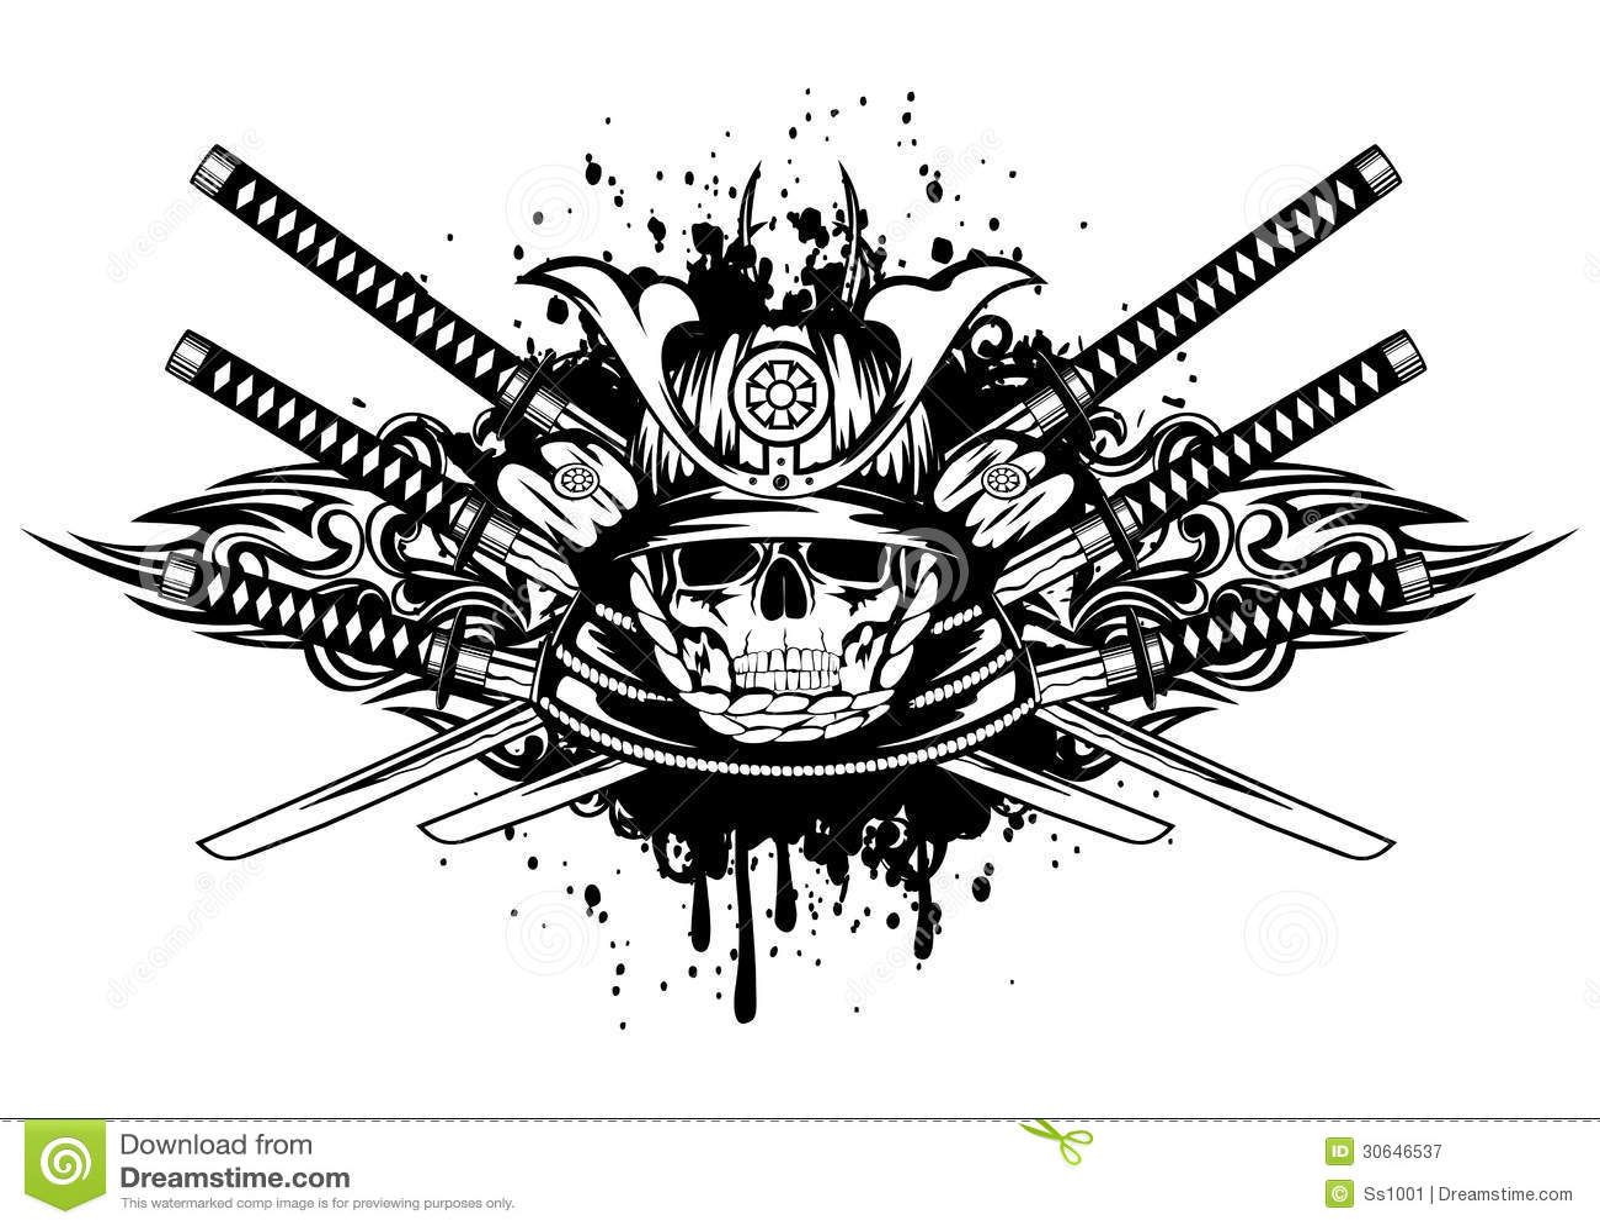 Samurai Helmet And Swords Cartoon Vector